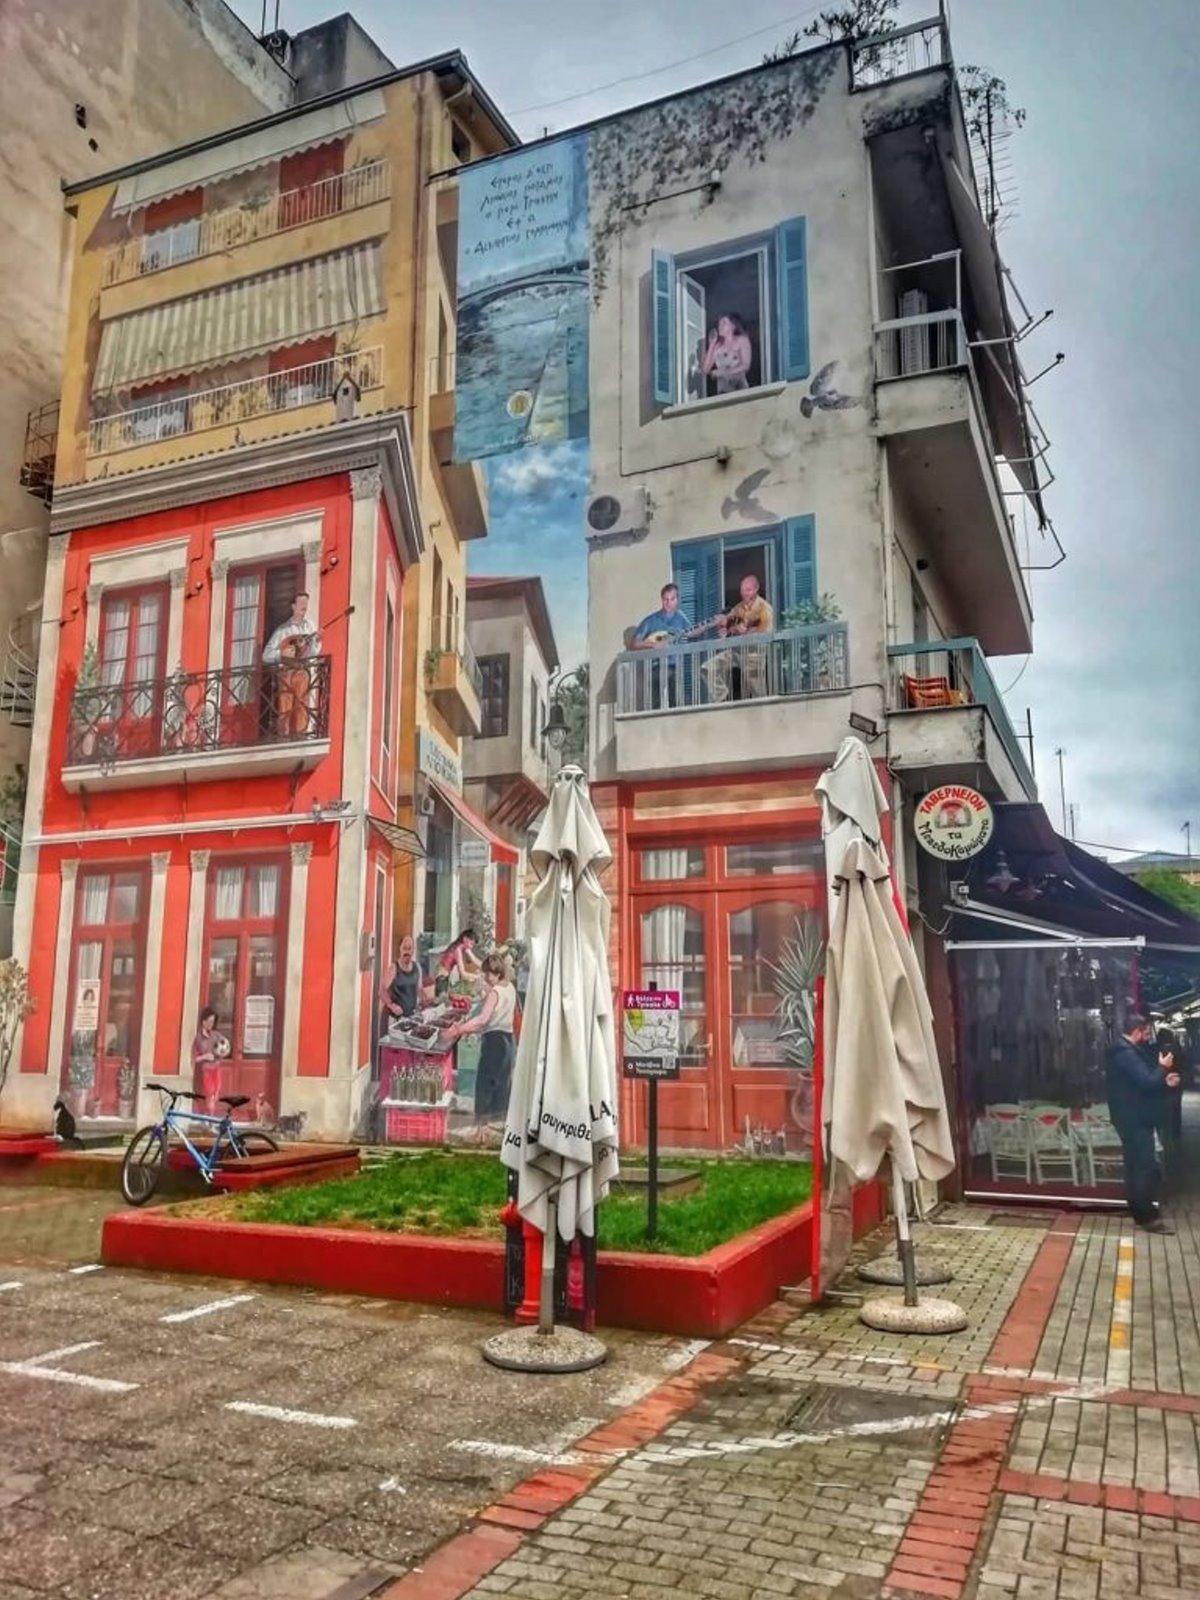 """Τρίκαλα: Ταξιδεύουμε στο """"στολίδι"""" της Θεσσαλίας και σας δείχνουμε όλα όσα θέλετε να μάθετε για την πιο cool πόλη της Ελλάδας!"""